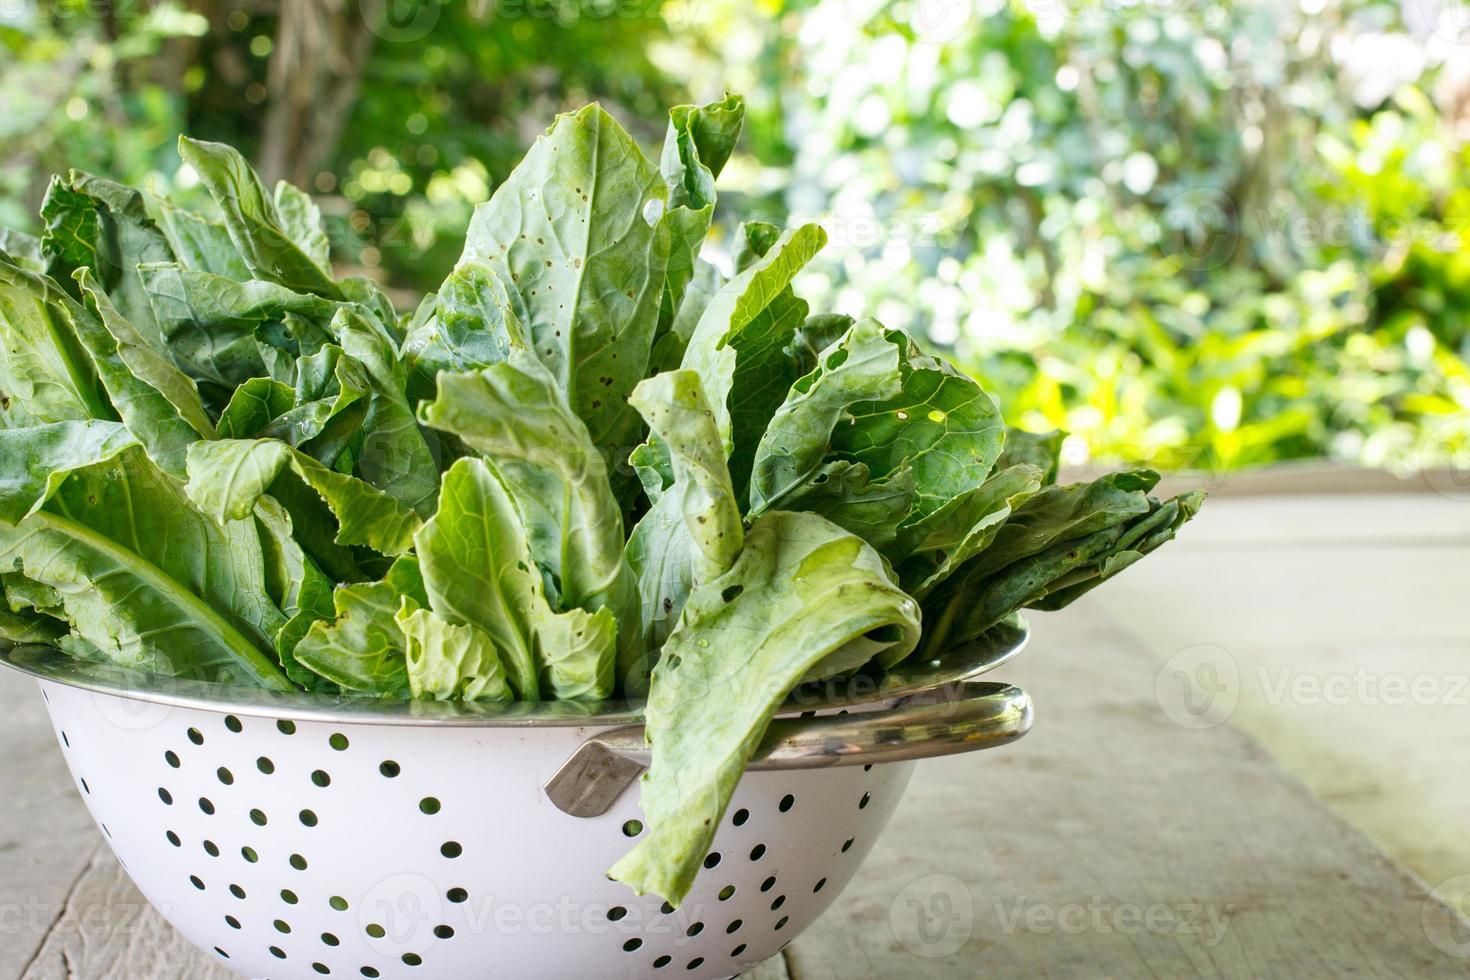 légume de chou frisé (brocoli chinois) photo